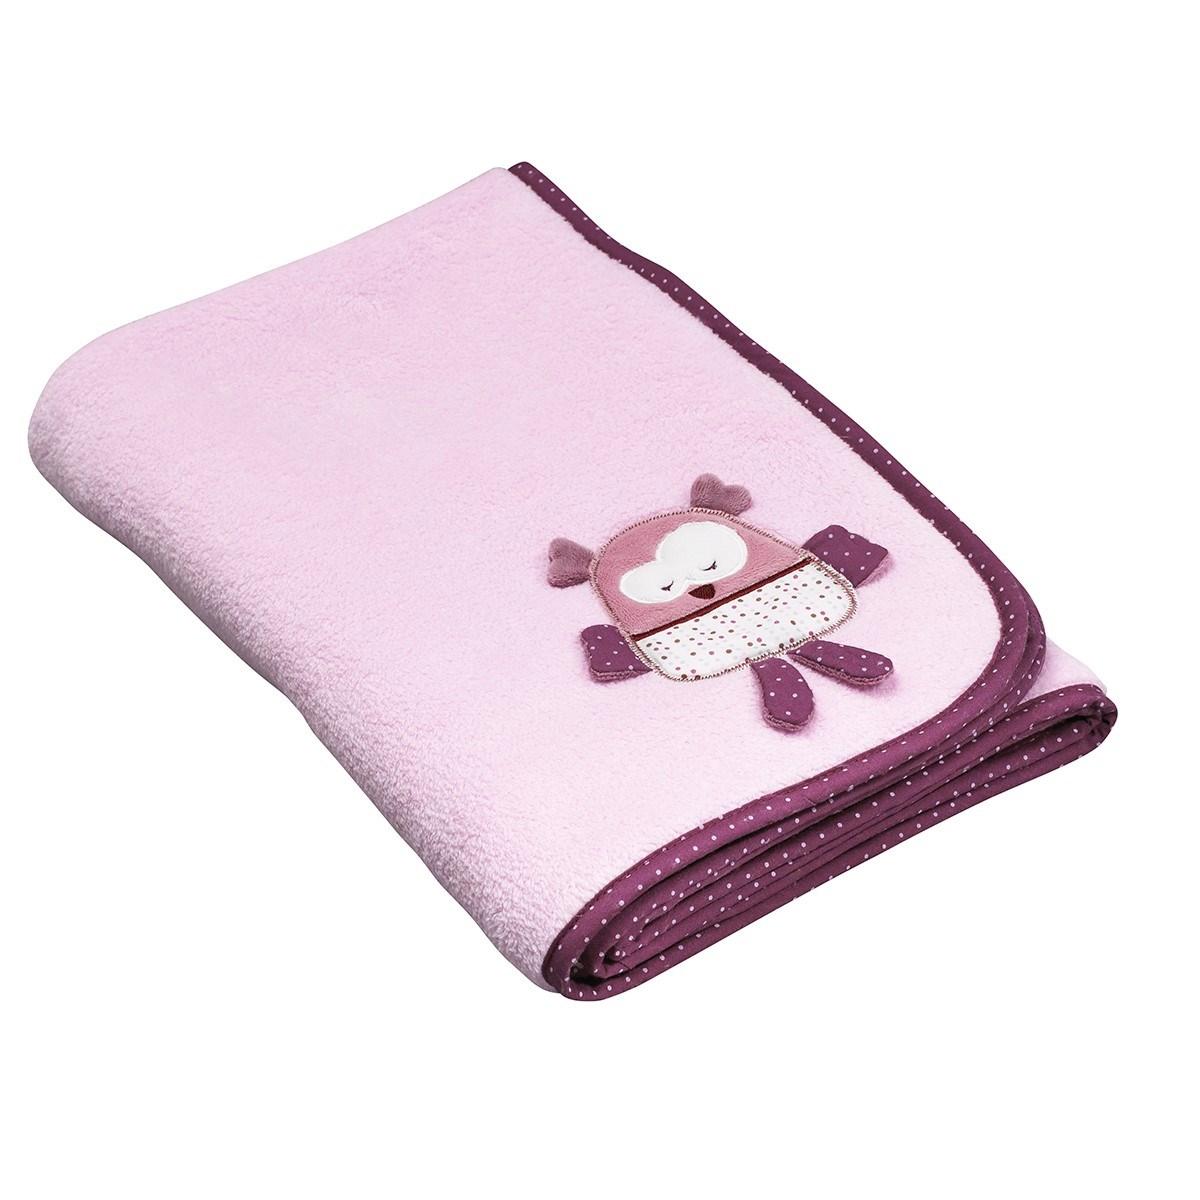 Couverture bébé 75x100 en velours rose